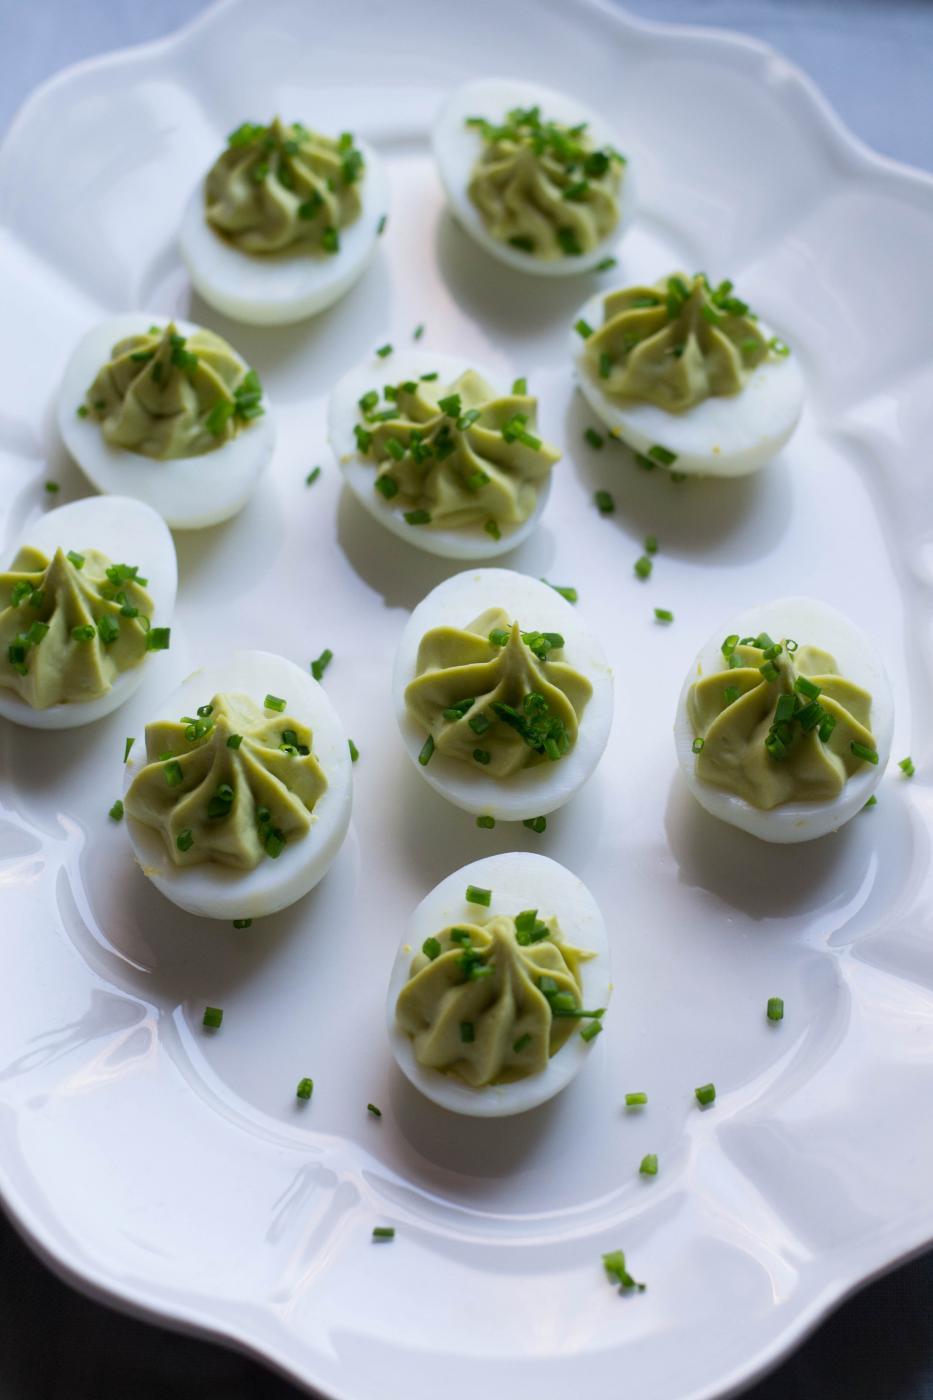 Pääsiäisen alkupalat: täytetyt munanpuolikkat avokado-wasabitäytteellä